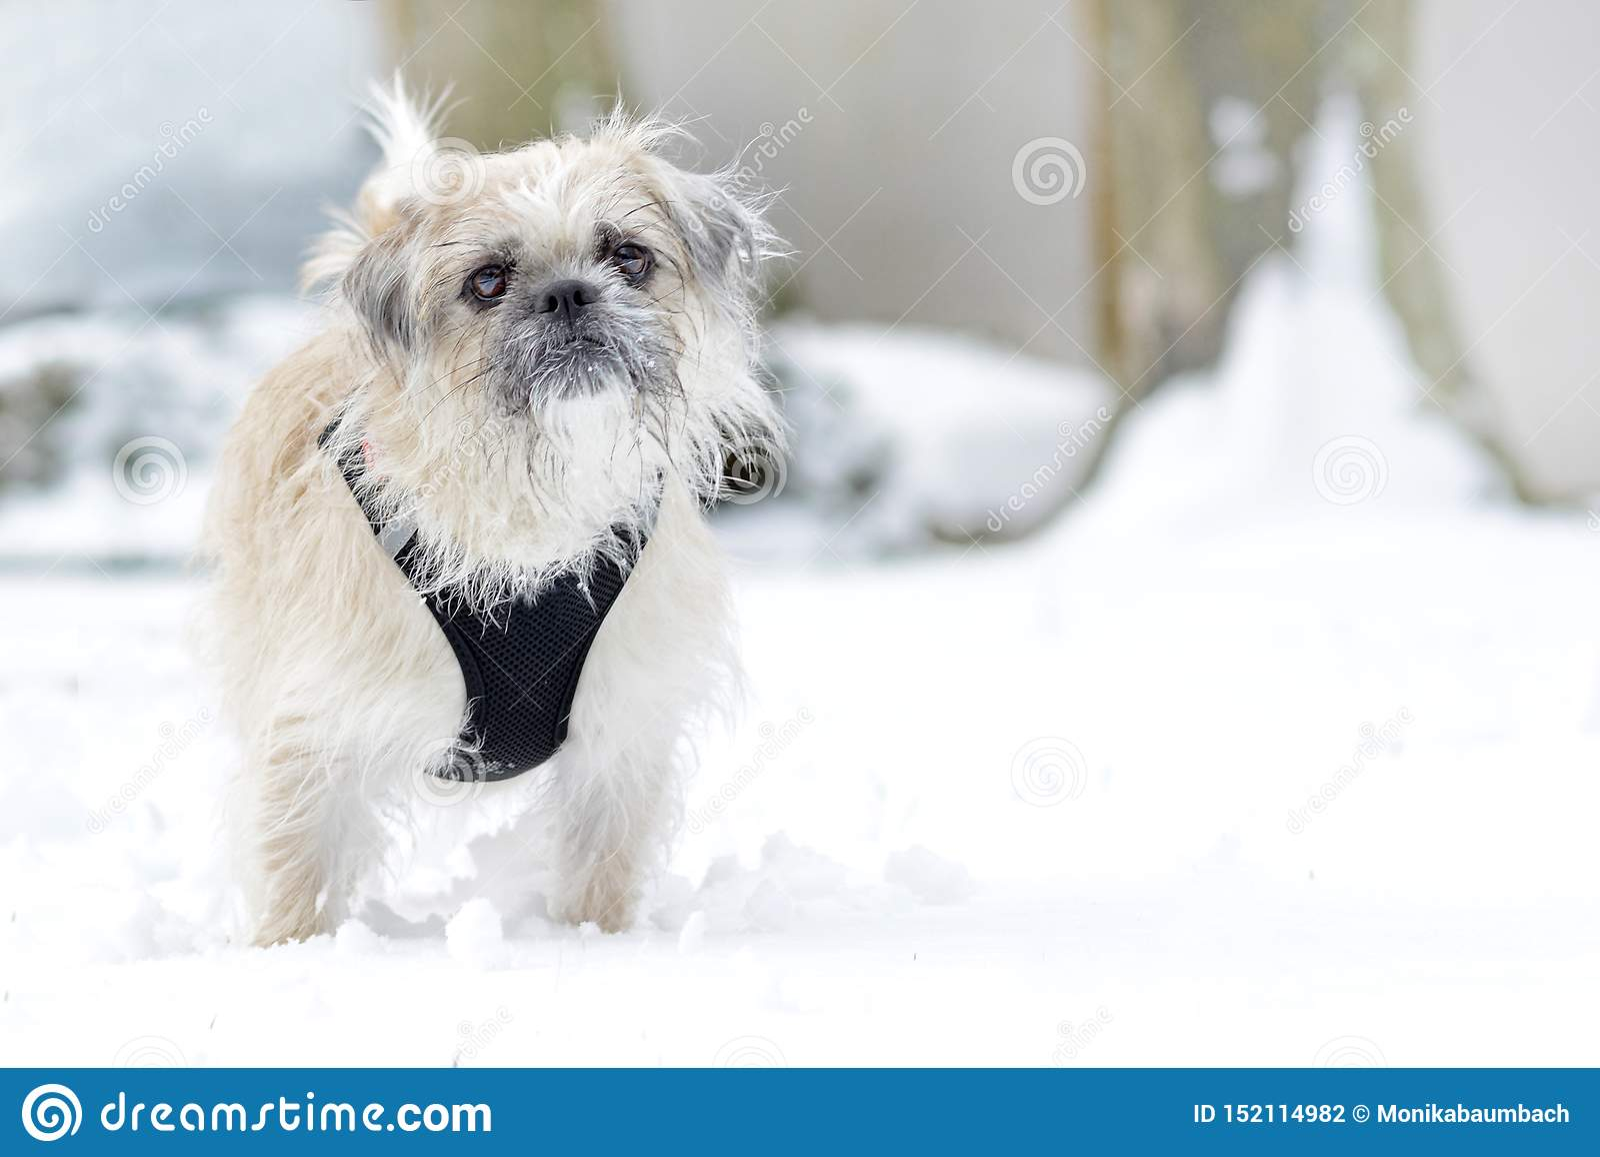 Kvinnlig hund för vit blandad avel med tanig päls och svart seleanseende i snö